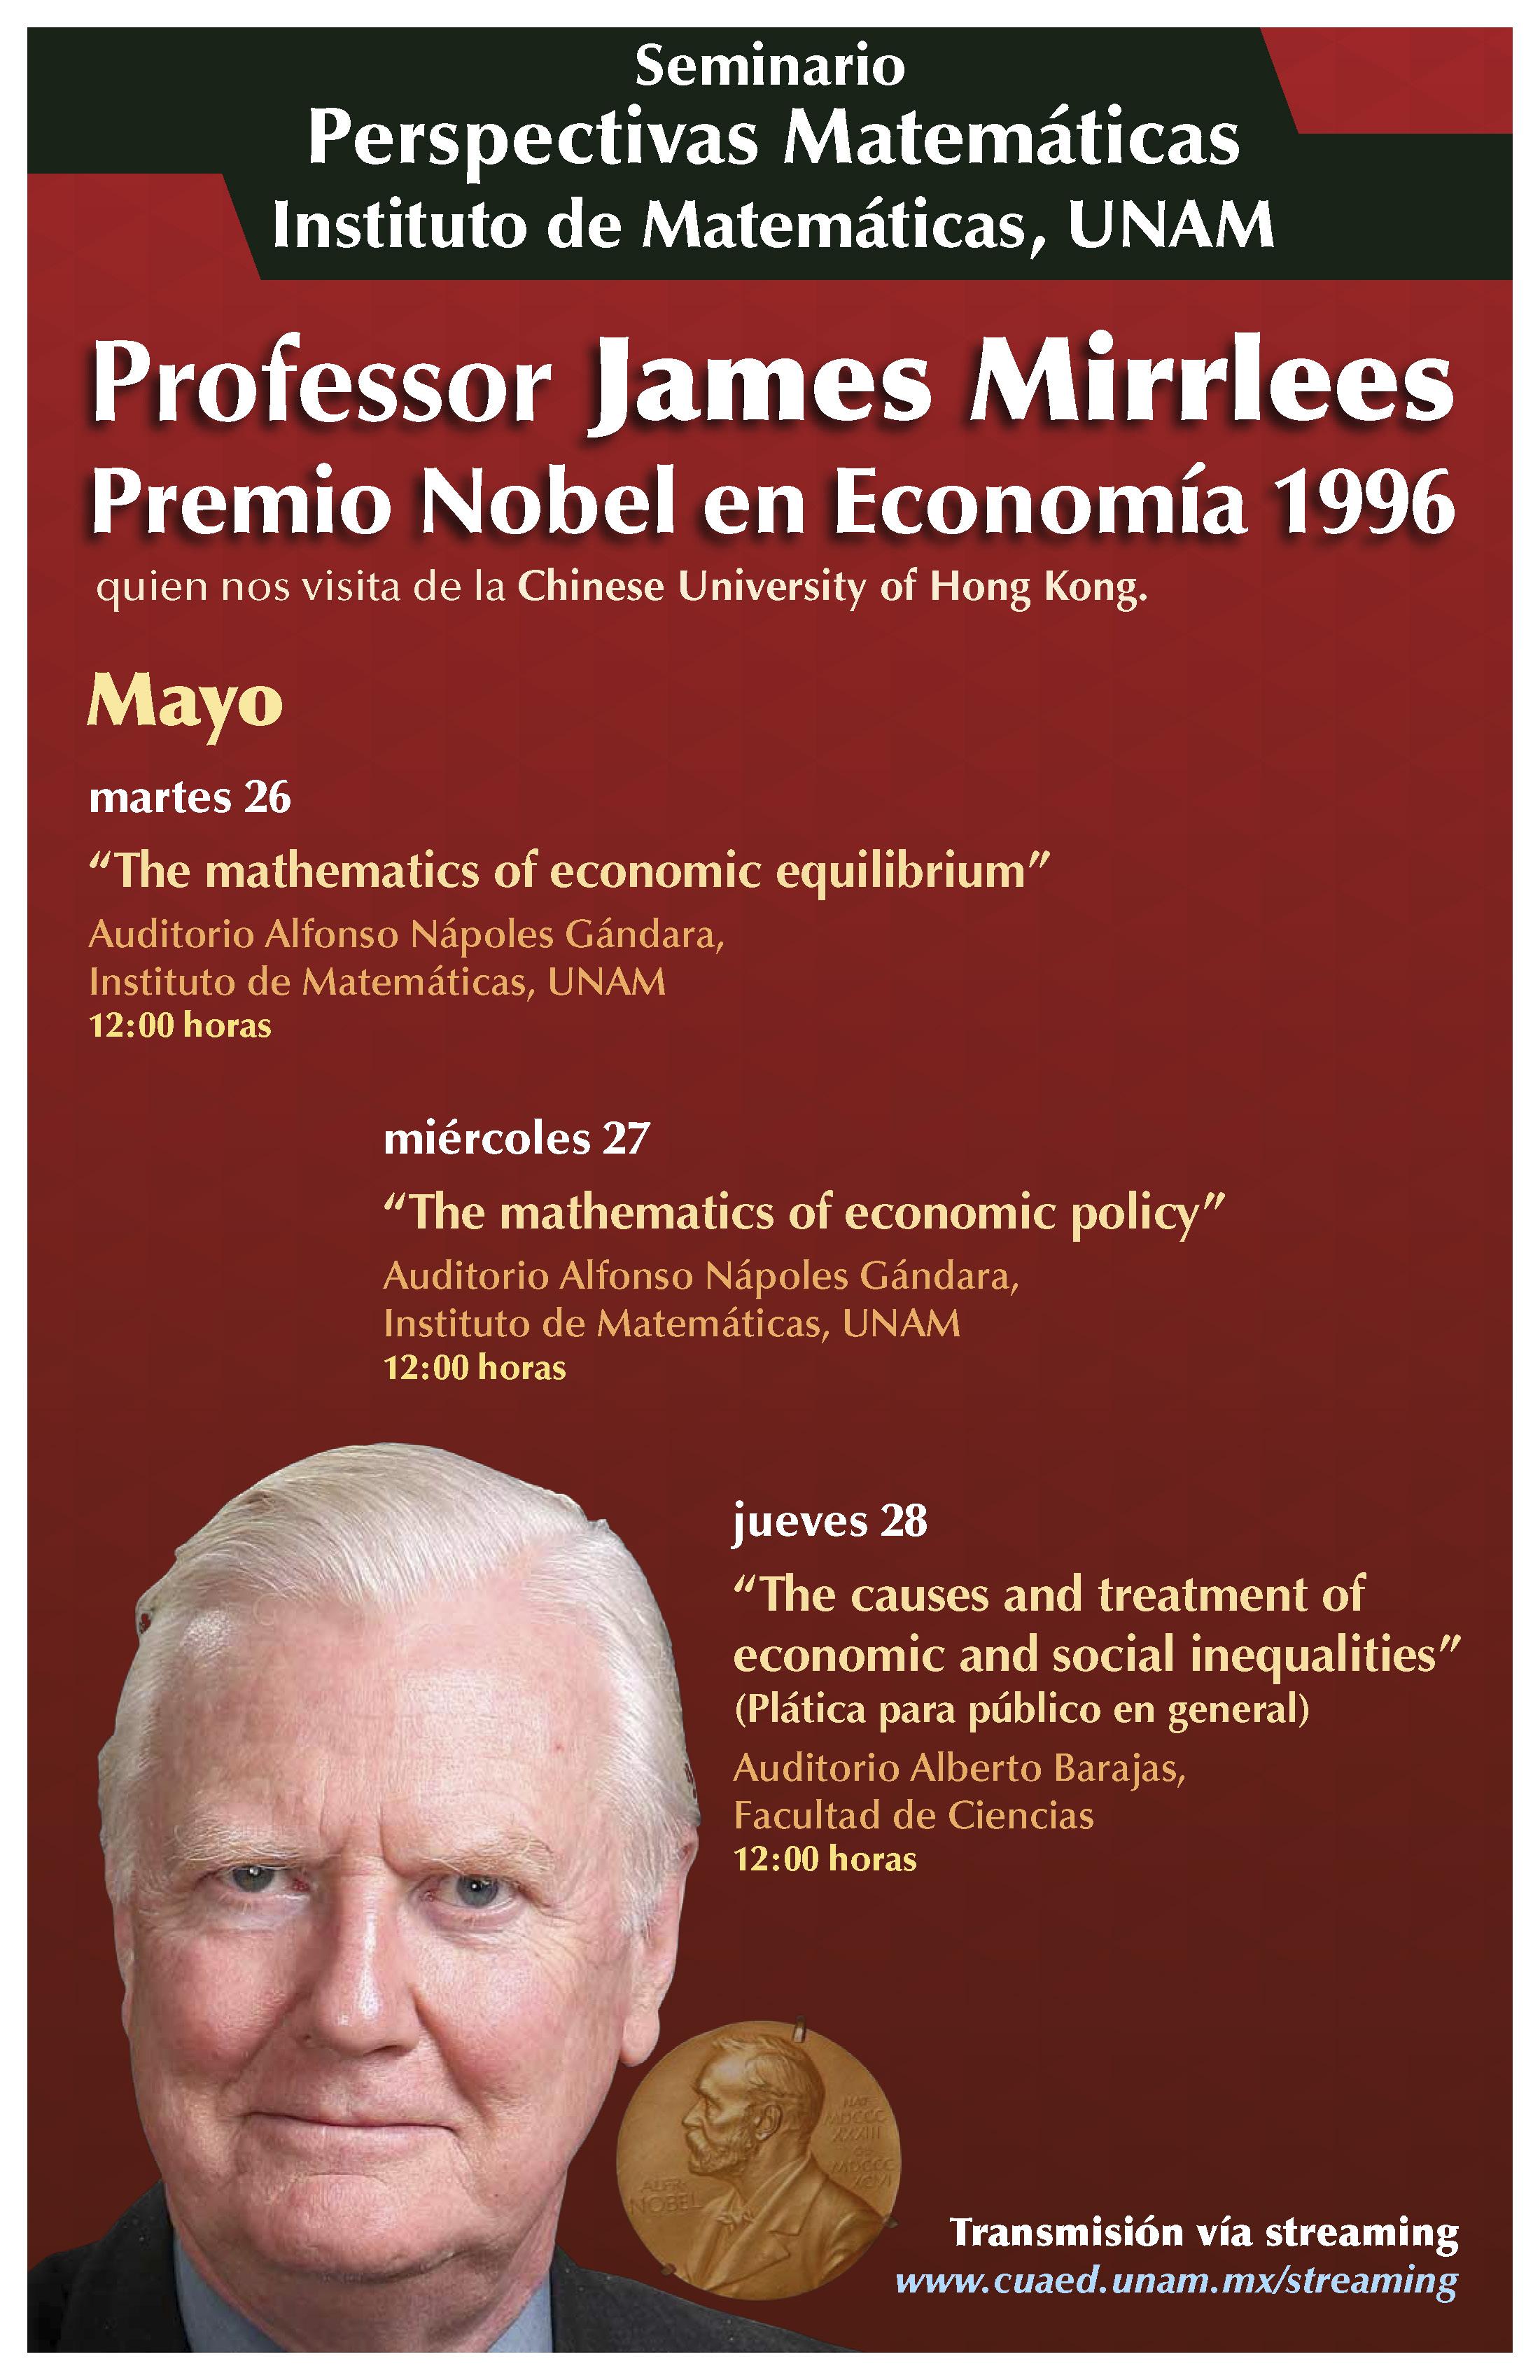 """En finales de mayo contaremos con invitado de lujo! Nos visita el NOBEL de Economía,1996 <br/> <a href=""""http://www.matem.unam.mx/actividades/otras-actividades/eventos-2015/perspectivas-matematicas-prof-james-mirrlees-premio-nobel-economia-1996/""""> http://www.matem.unam.mx/actividades/otras-actividades/eventos-2015/perspectivas-matematicas-prof-james-mirrlees-premio-nobel-economia-1996/ </a>"""